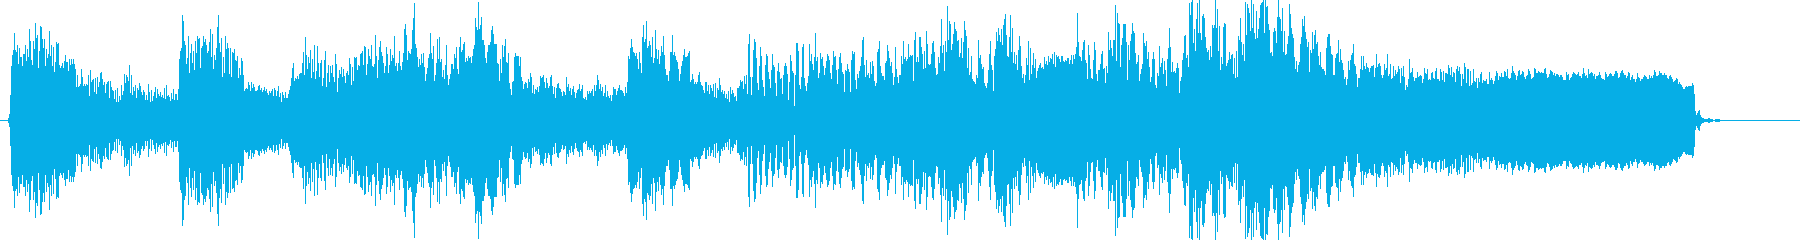 和風琴尺八で勢いのある戦国風のジングルの再生済みの波形